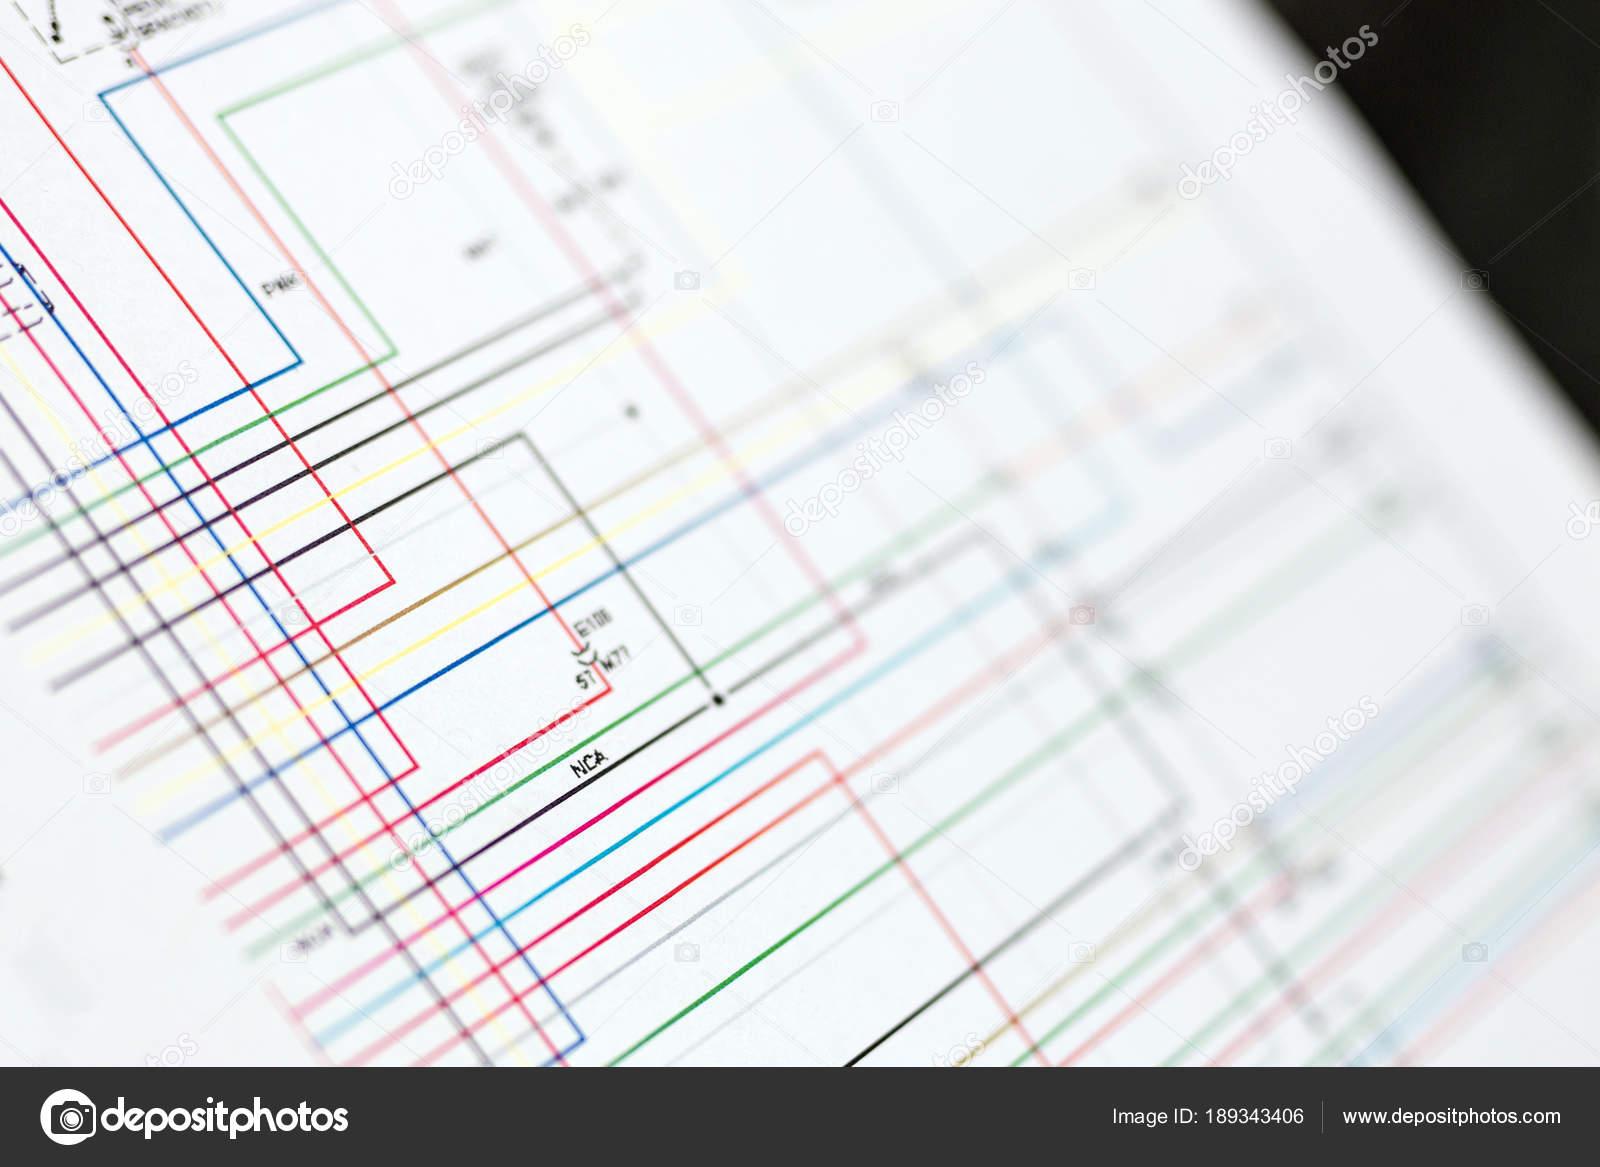 Schema Elettrico Auto : Schema del cablaggio elettrico auto colorate sul foglio di carta